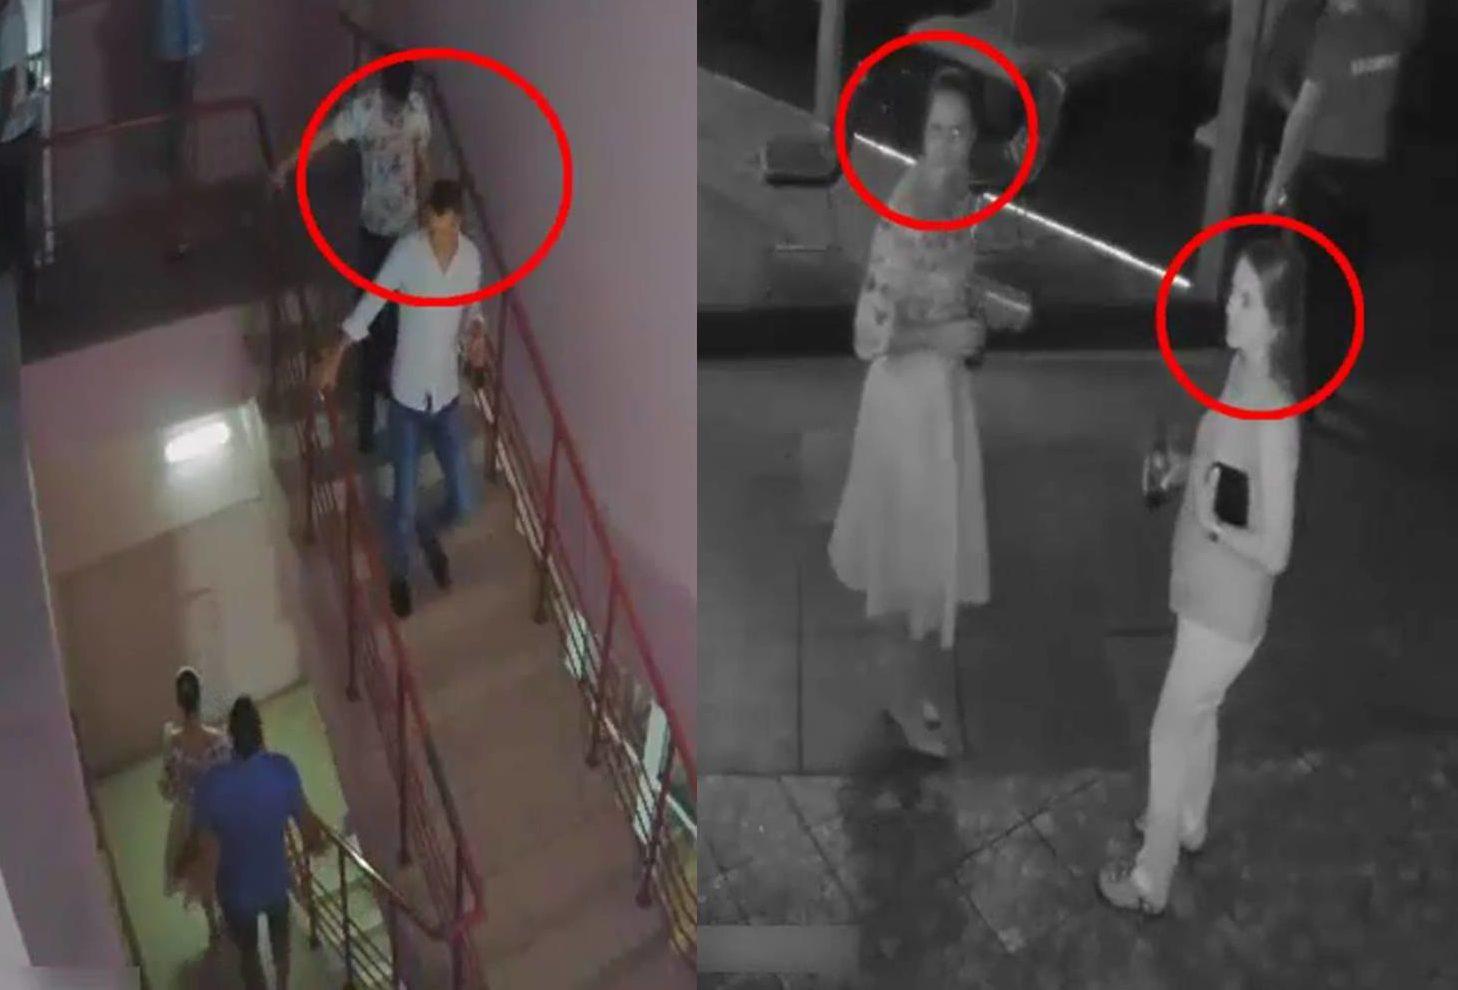 (VIDEO) Doi tineri ar fi agresat un alt băiat într-un local din capitală: Îi recunoști?